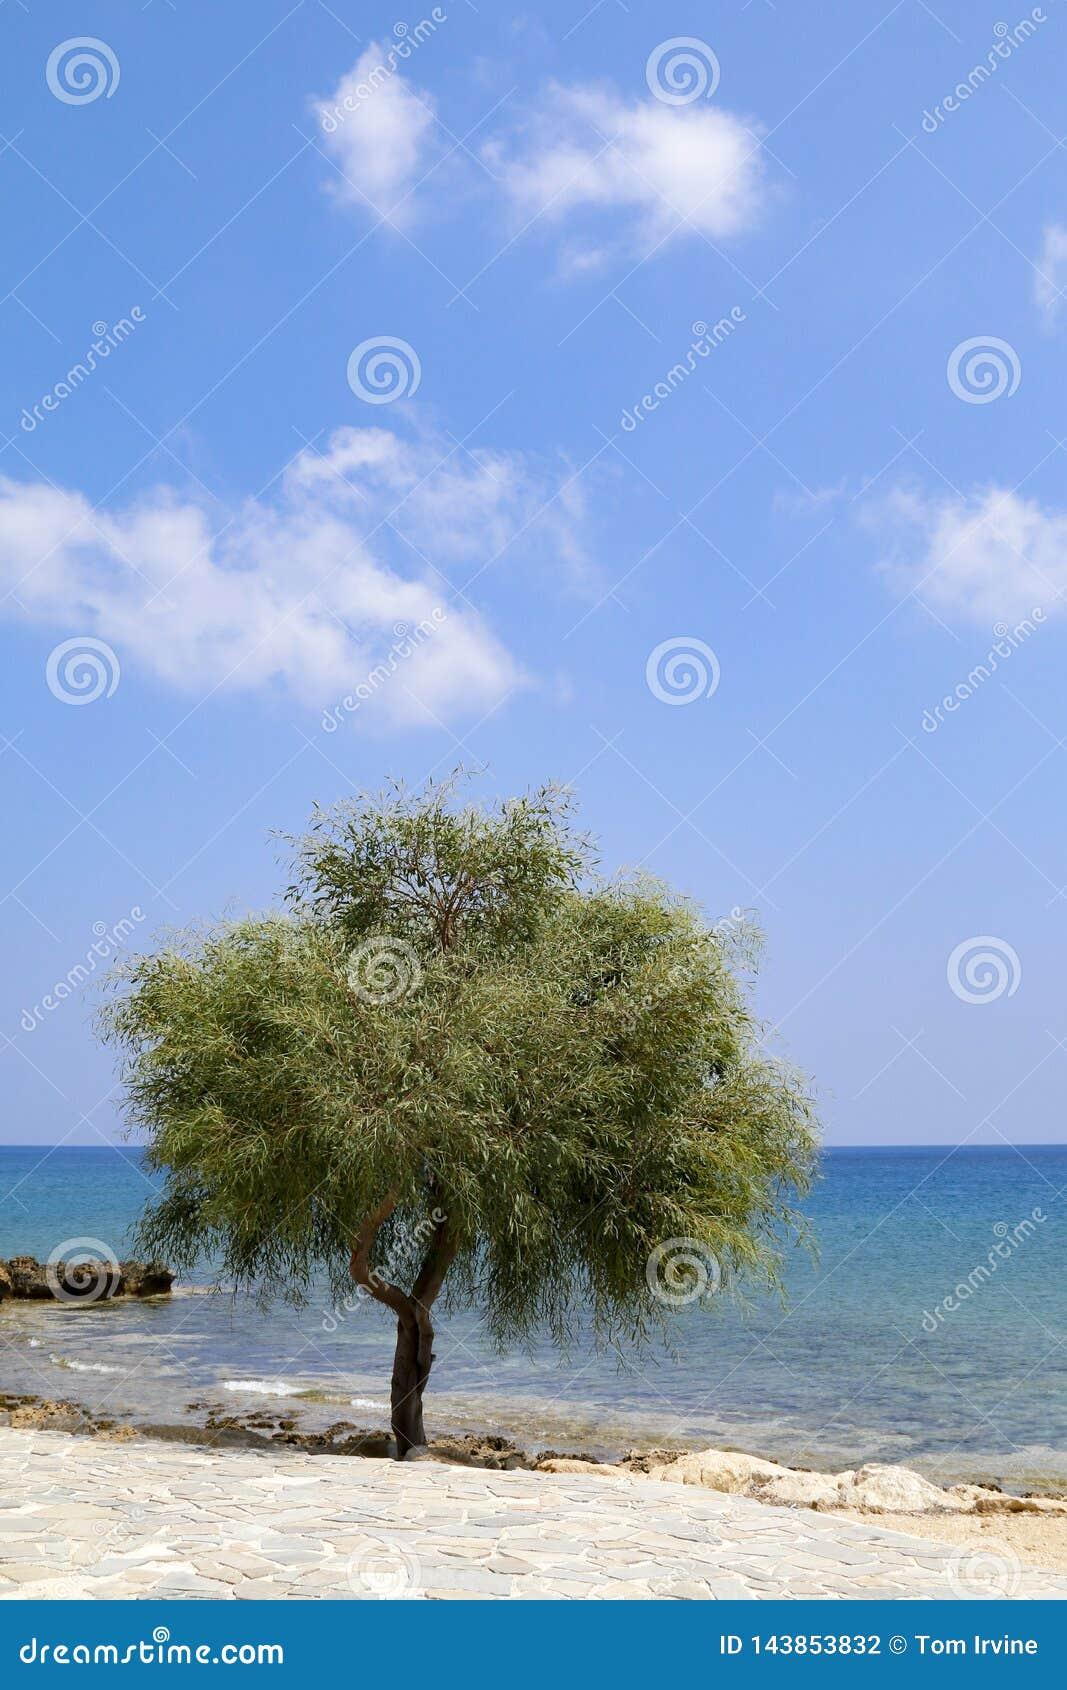 Απομονωμένο δέντρο εκτός από τη θάλασσα την ηλιόλουστη ημέρα με το μπλε ουρανό